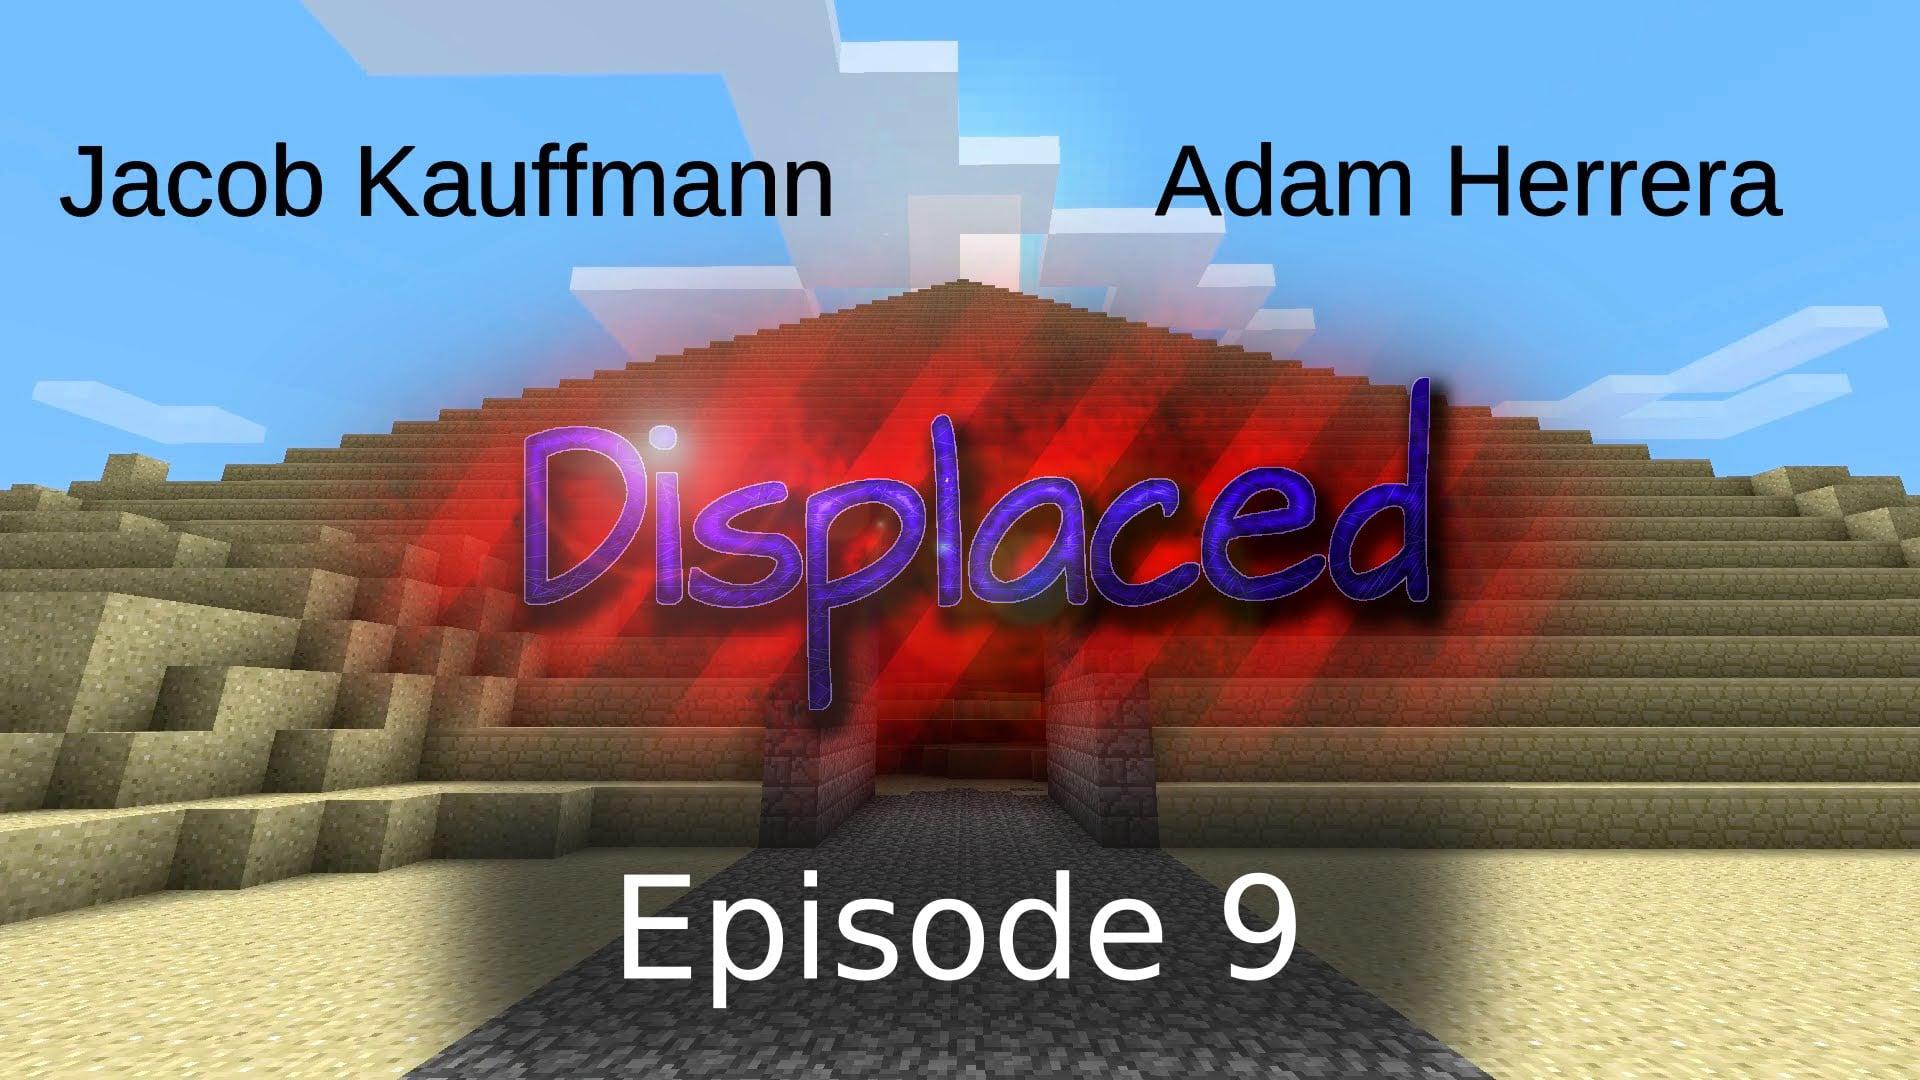 Episode 9 - Displaced